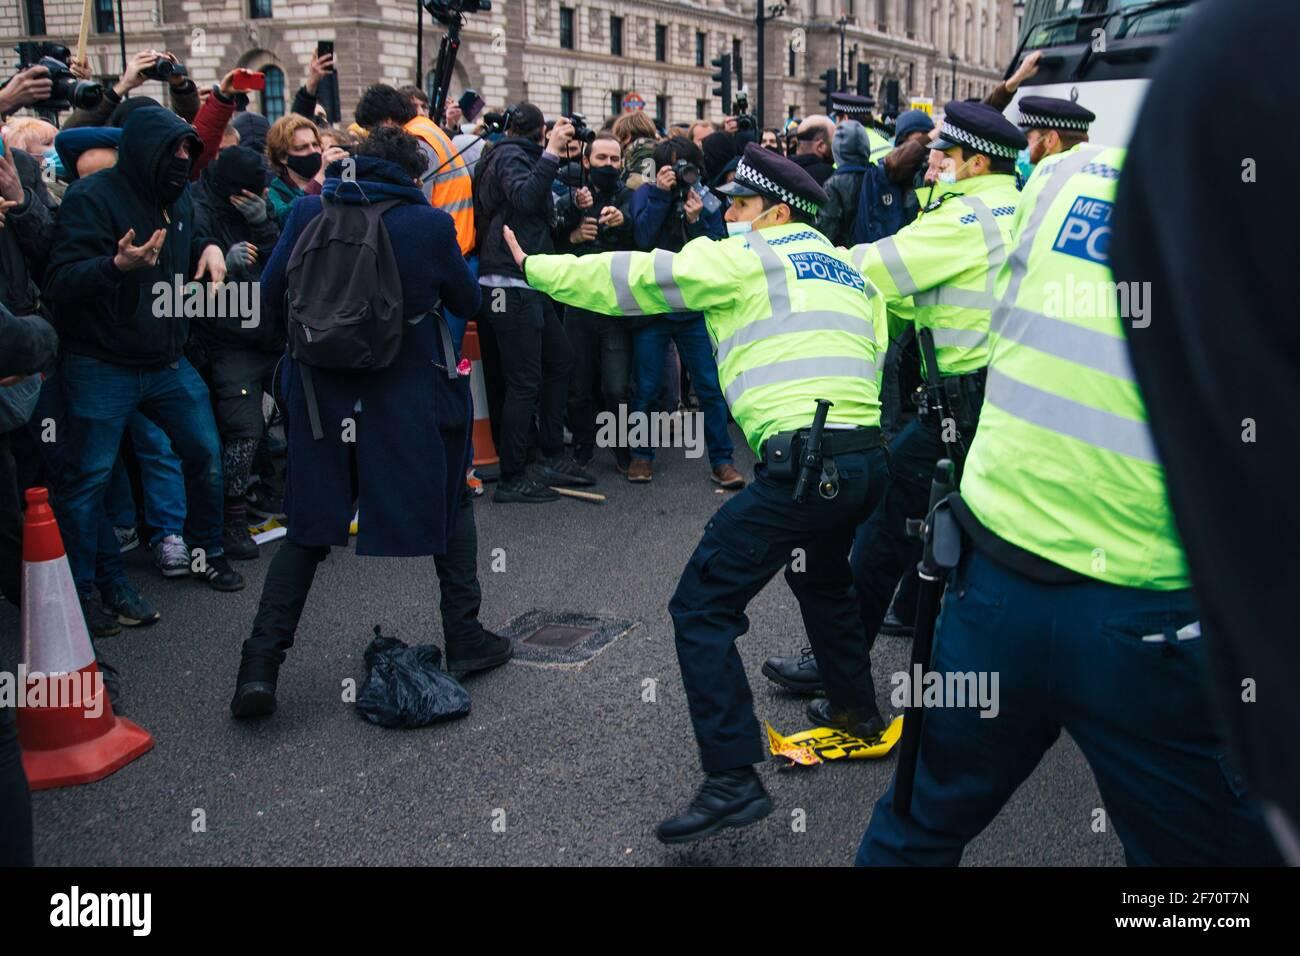 Londres, Reino Unido. Abril de 3rd 2021 'matar el proyecto de ley' protesta. Individuos de una variedad de grupos, desde Rebelión de extinción, vidas Negras, antifascistas y anarquistas se reunieron para protestar contra la propuesta de los gobiernos de Ley de Policía, crimen, sentencia y tribunales. El proyecto de ley propone limitar el derecho a protestar. una marcha de Hyde Park a Parliament Square tuvo lugar culminando en un rally donde los oradores incluyeron a Jeremy Corbyn. Más tarde estallaron escaramuzas entre la policía y una pequeña banda de anarquistas que luego marcharon a Charing Cross con una serie de detenciones y algunos daños a los contenedores Foto de stock